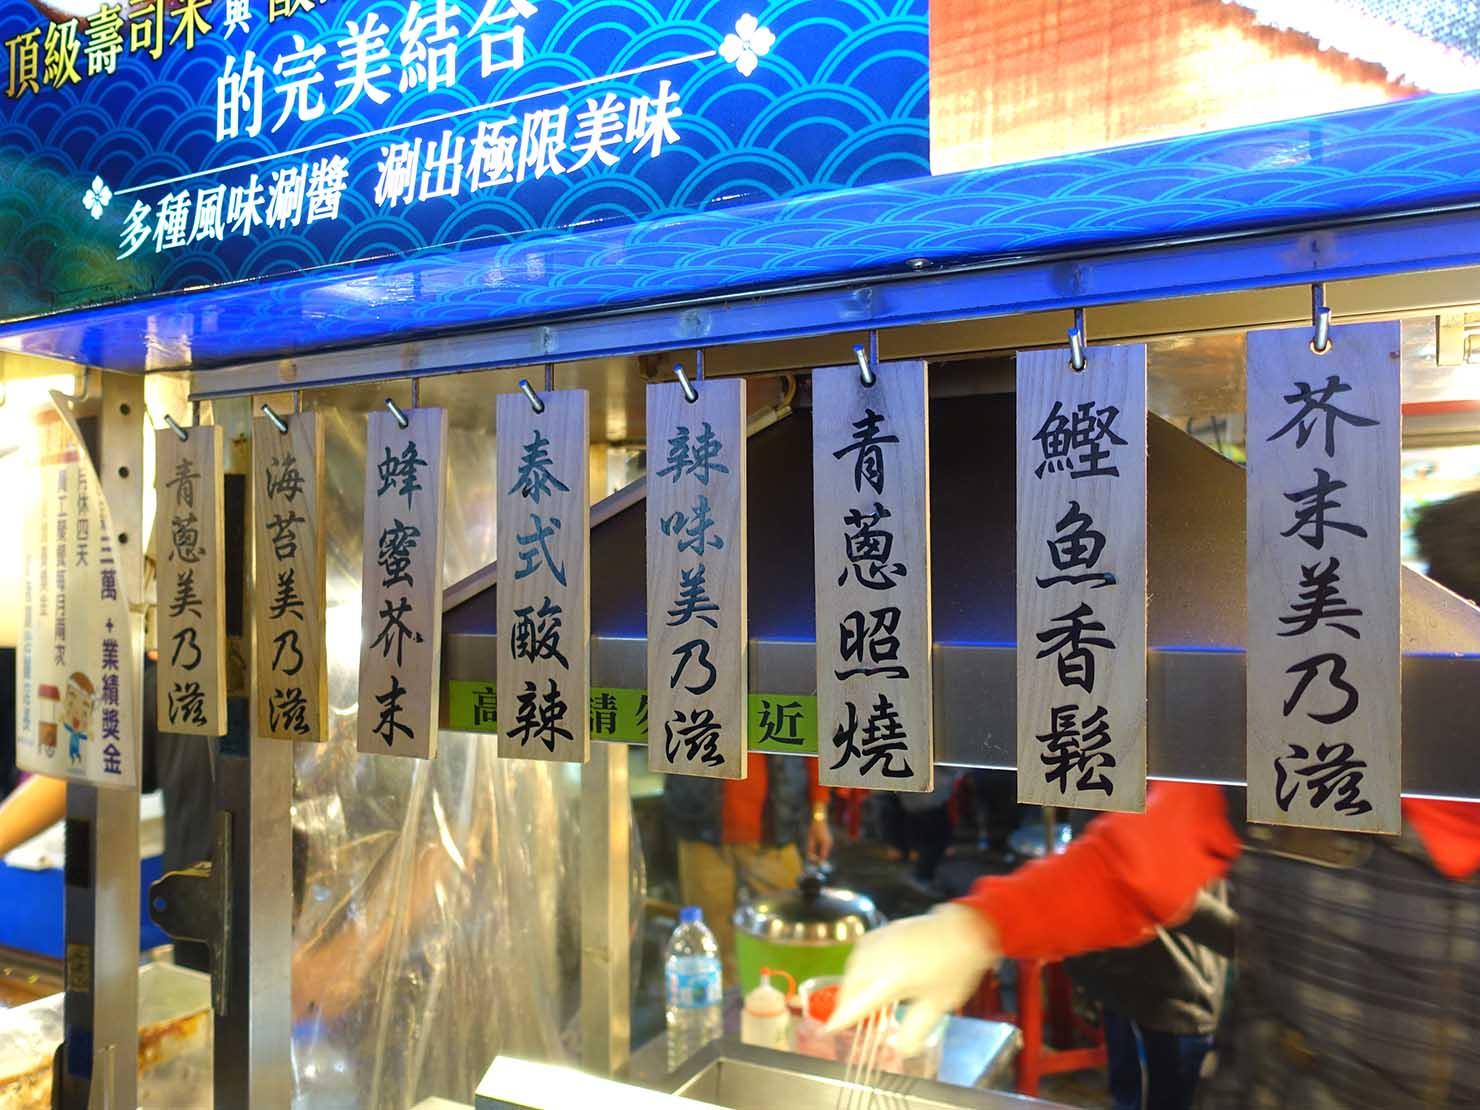 台湾の夜市で食べられる日本グルメ「炸飯糰(揚げおにぎり)」屋台のフレーバー選択